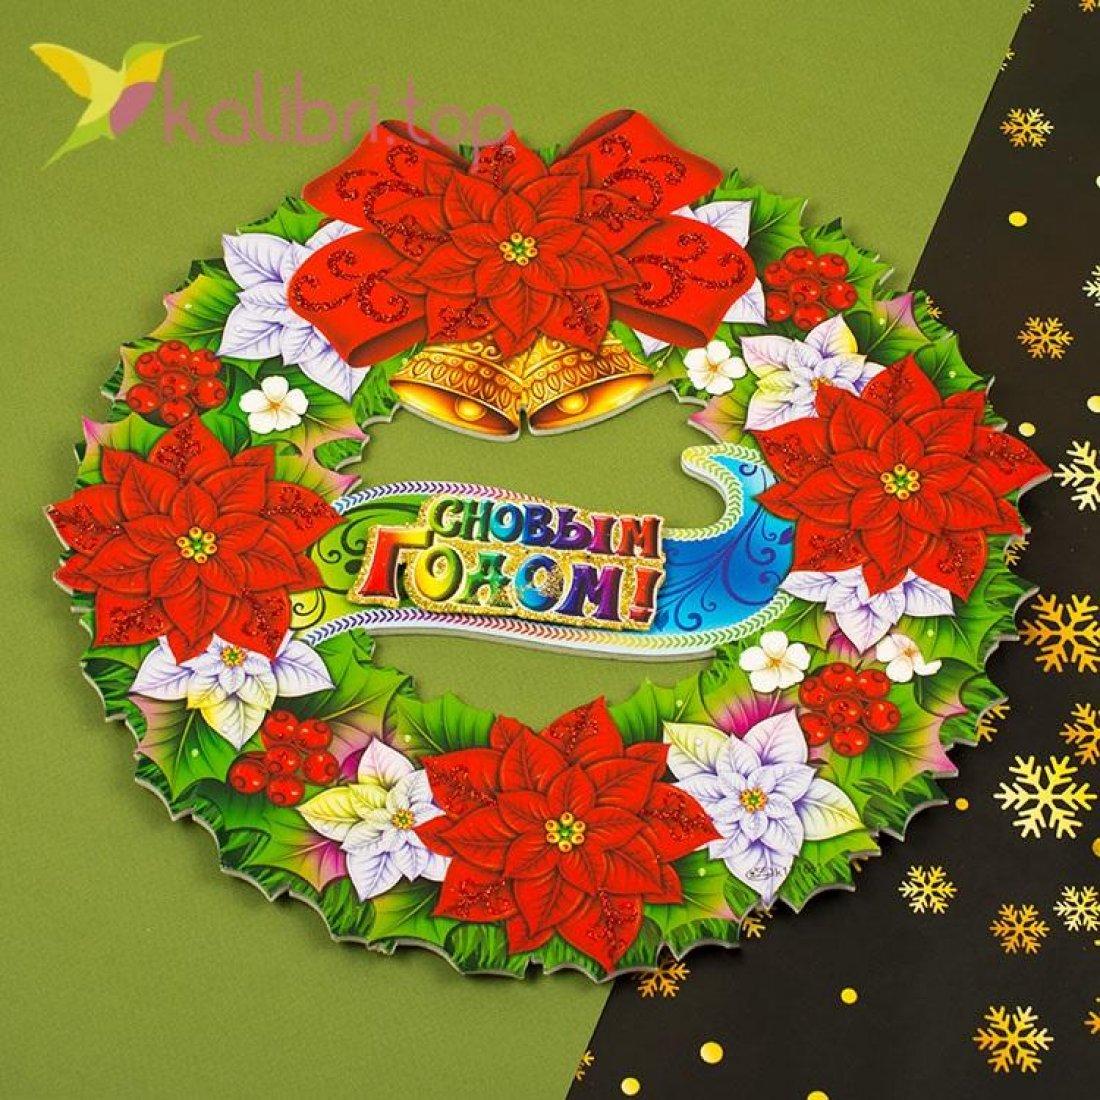 Новогодние украшения для окон, дверей праздничные из пенопласта, оптом фото 1